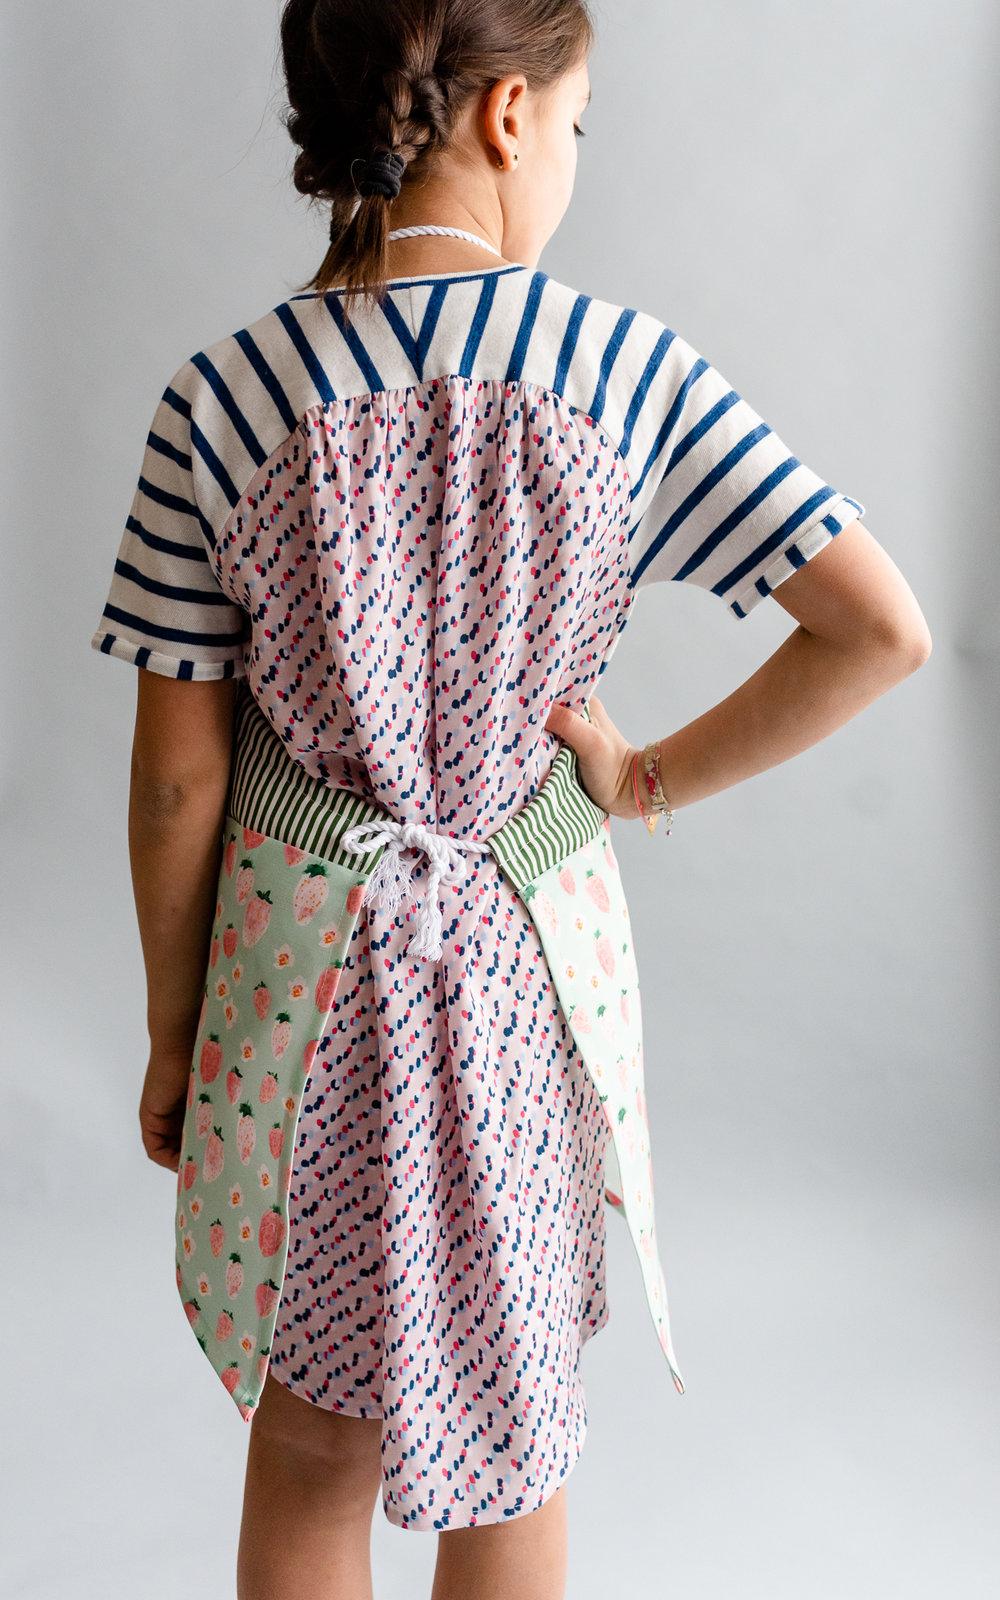 prp-kids=clothing-sewing-patterns08.jpg